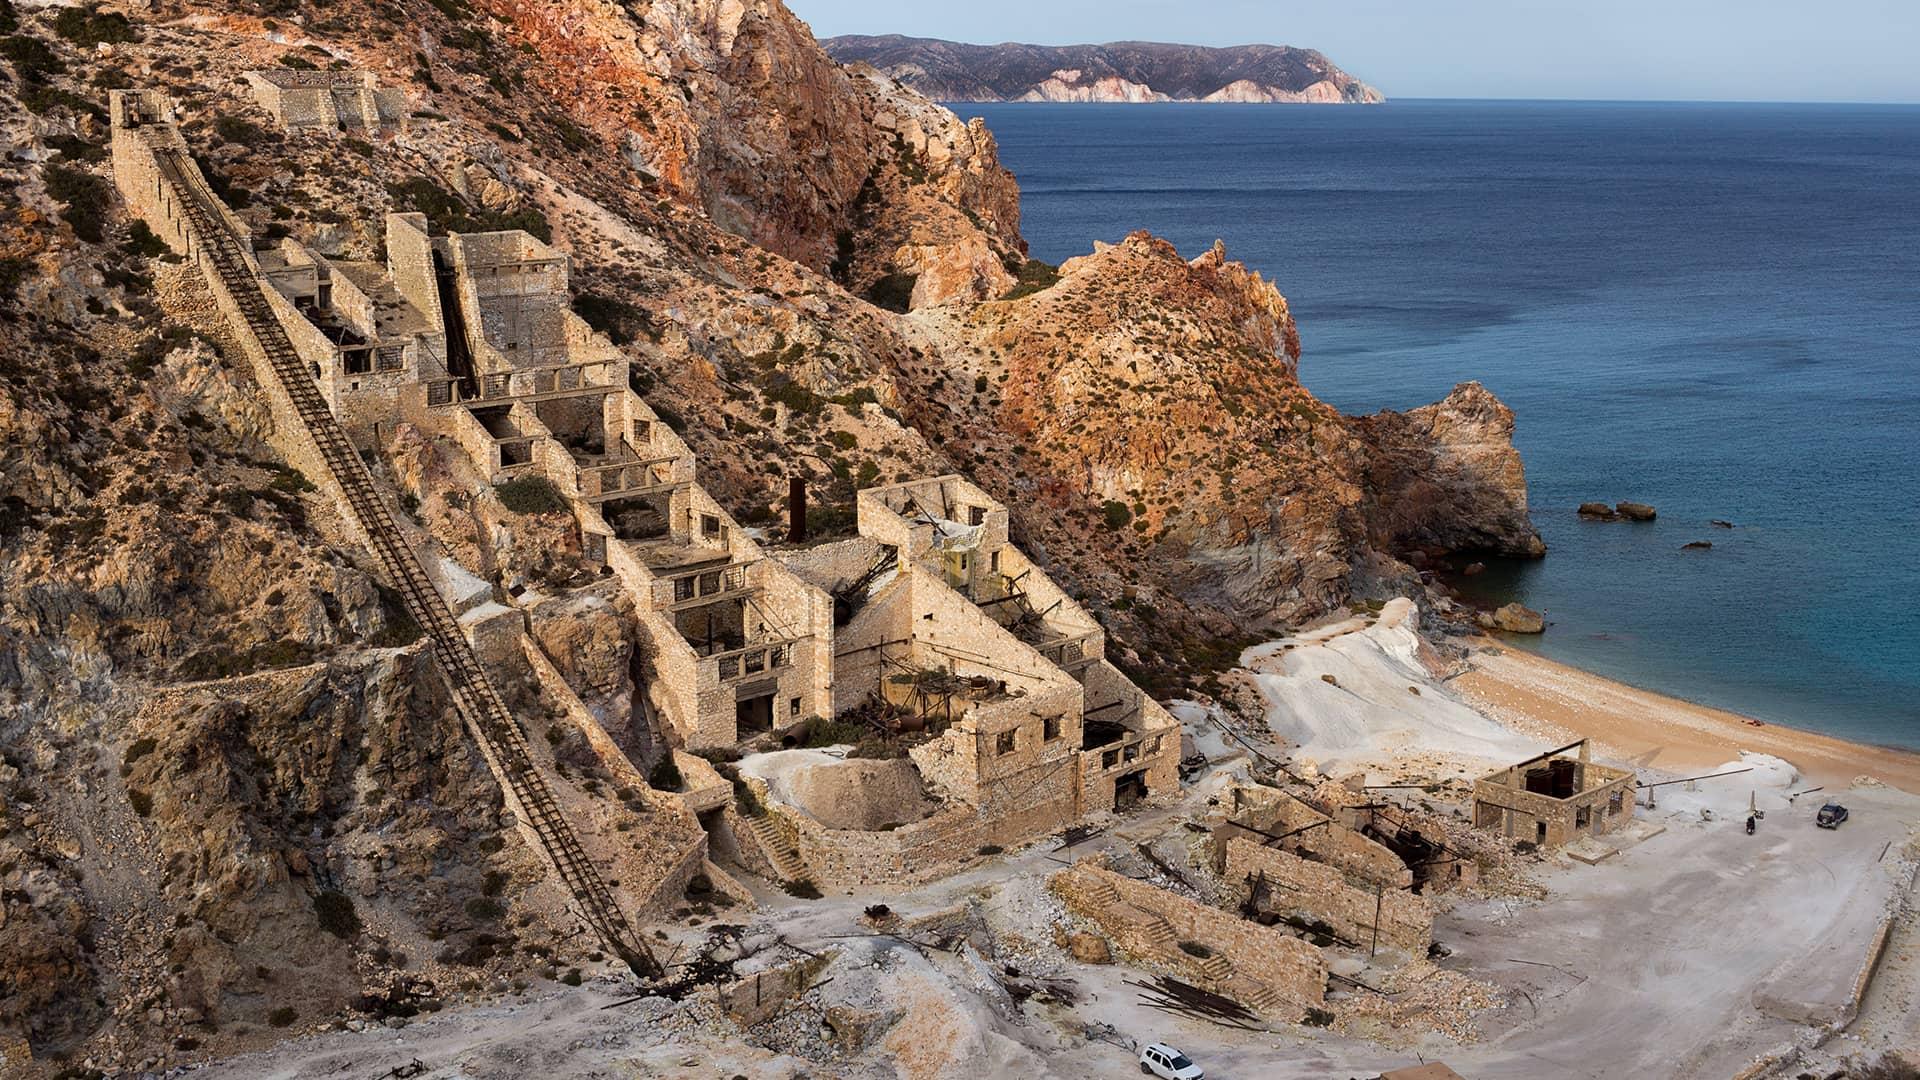 Milos old sulfur mines